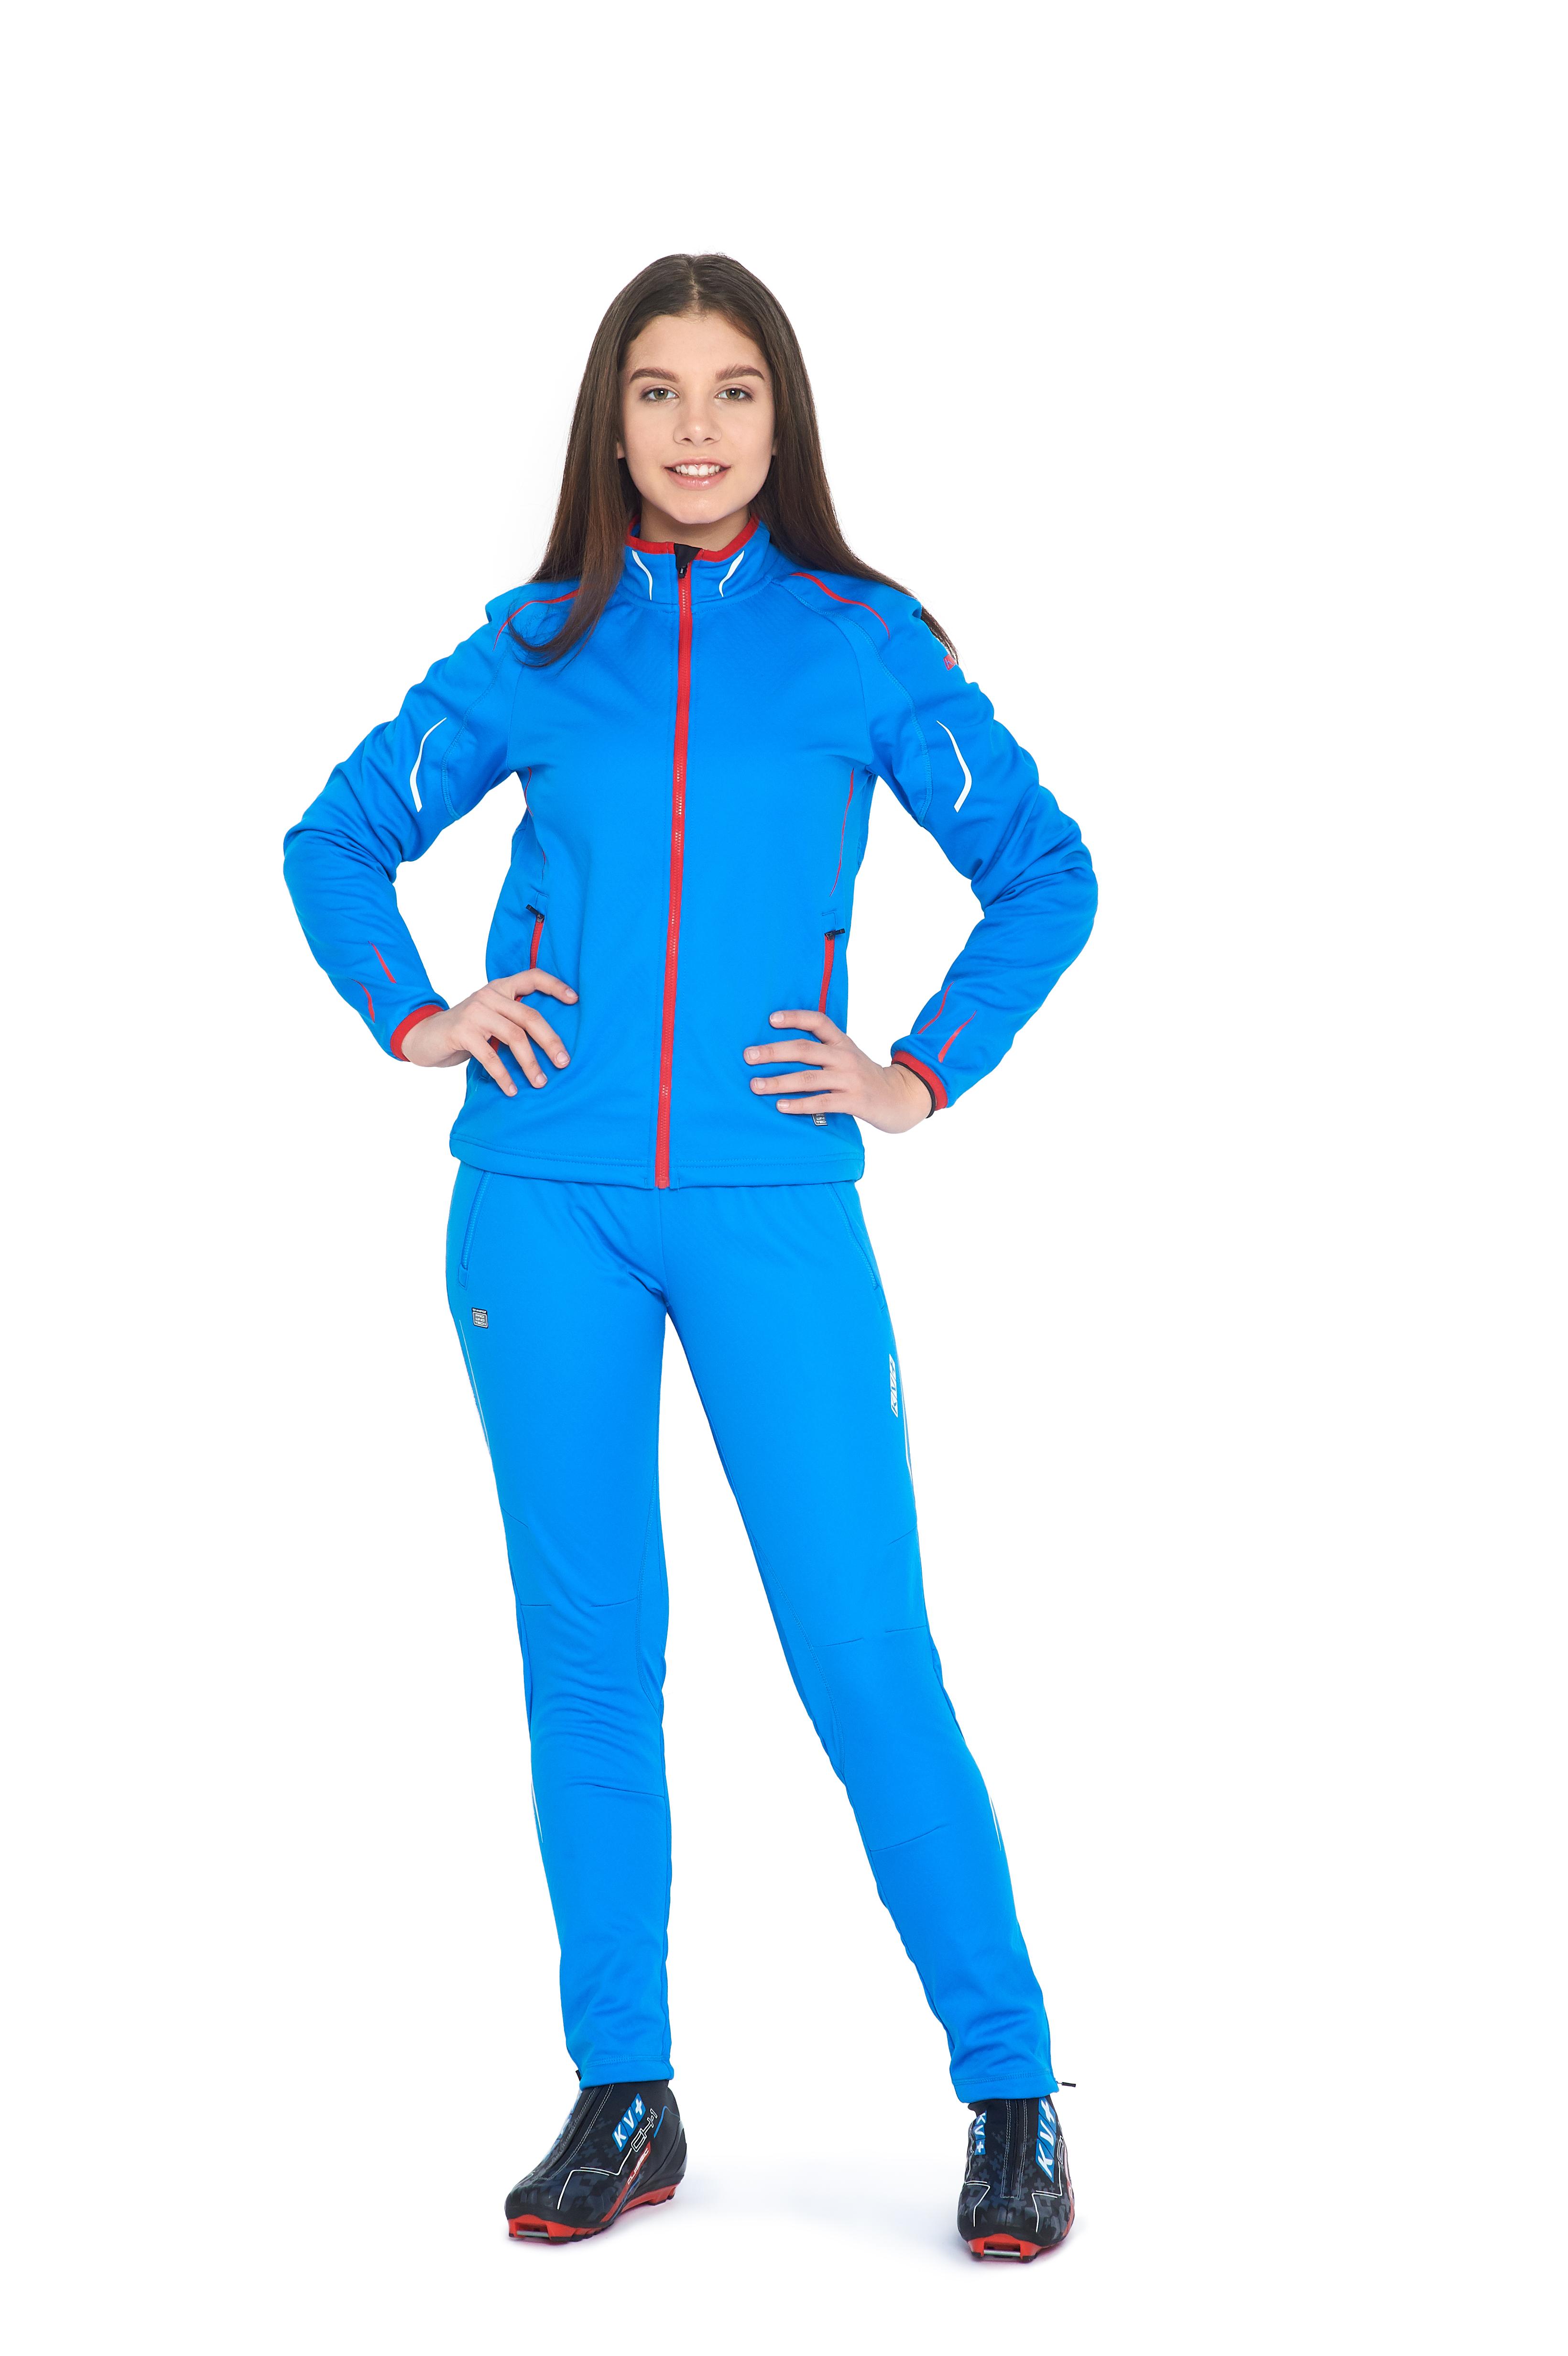 CROSS PANTS UNISEX bib & brace (blue)